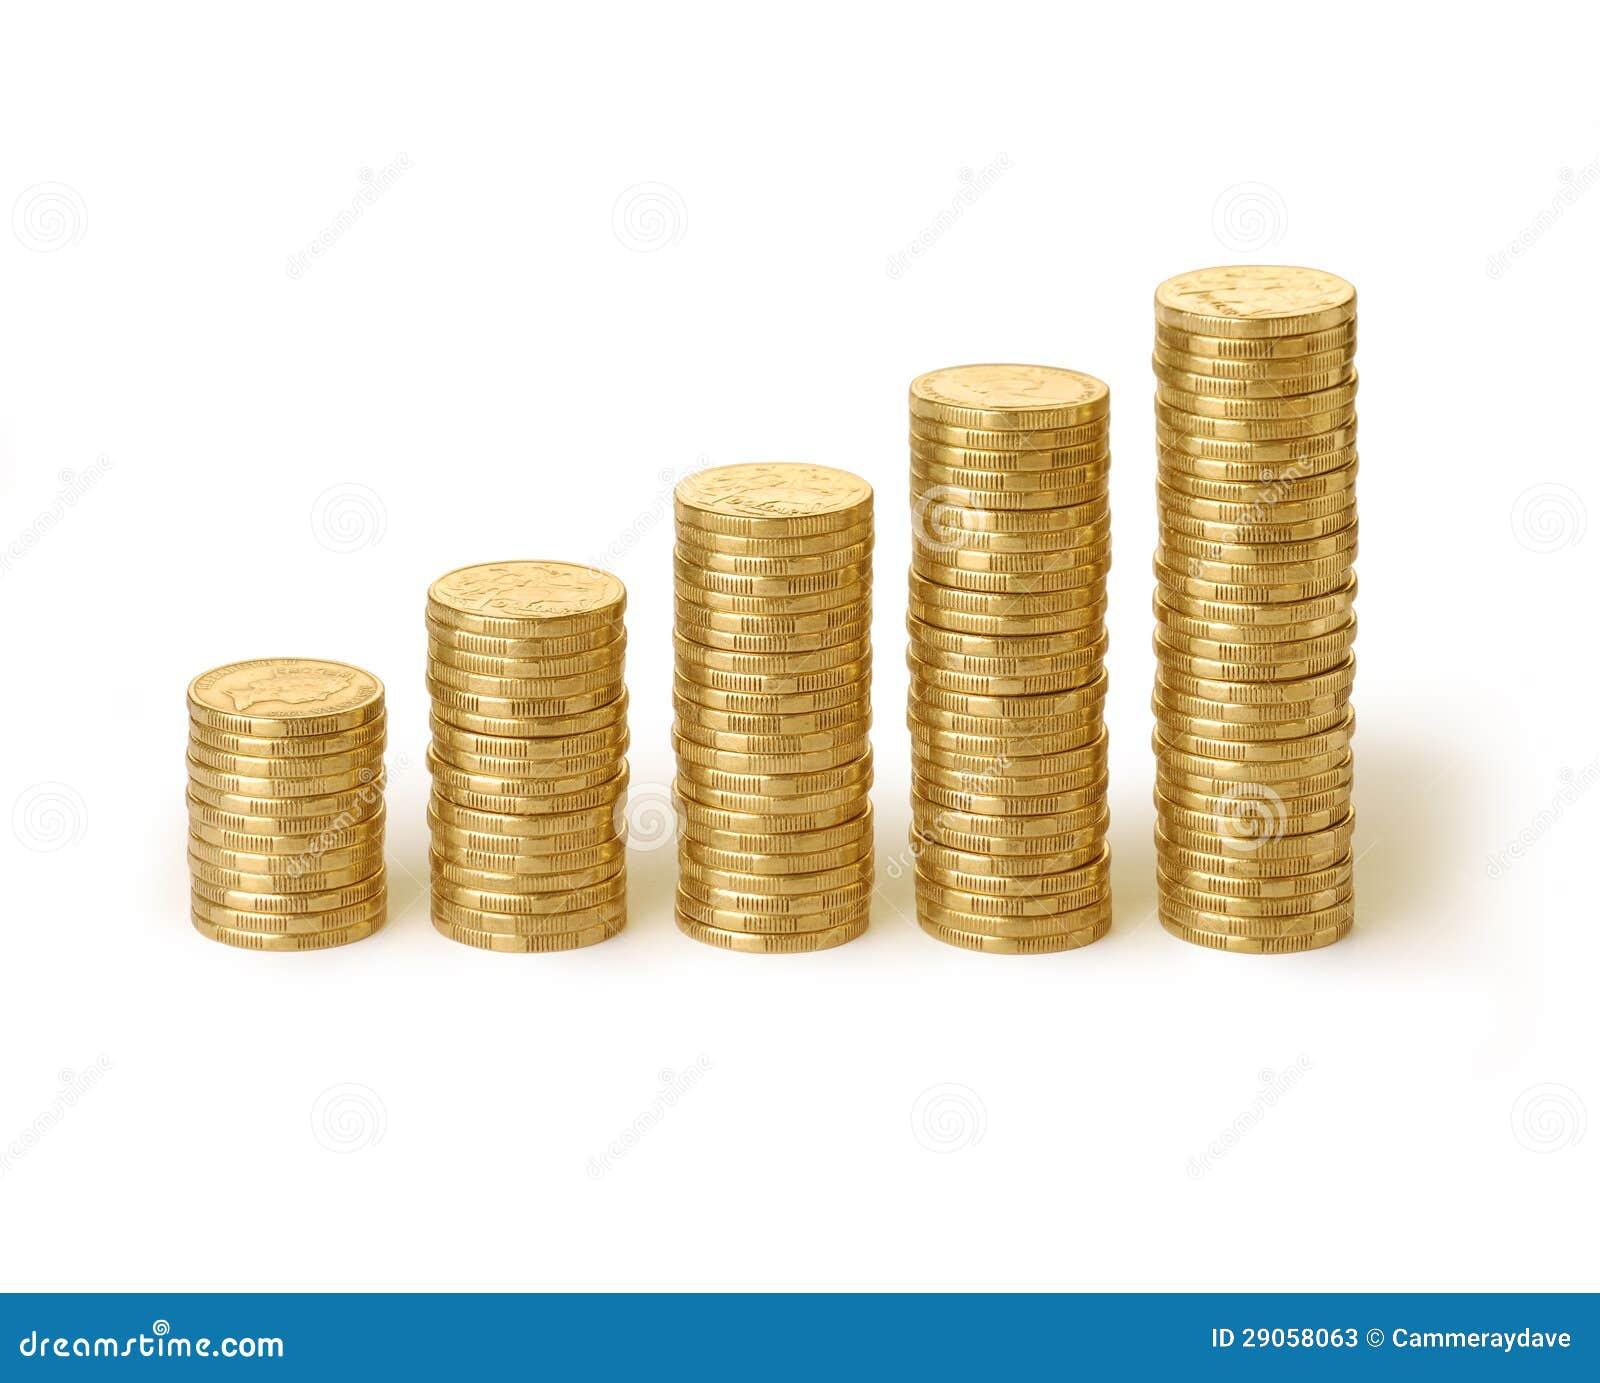 Australian Money Coins Stacks Dollars